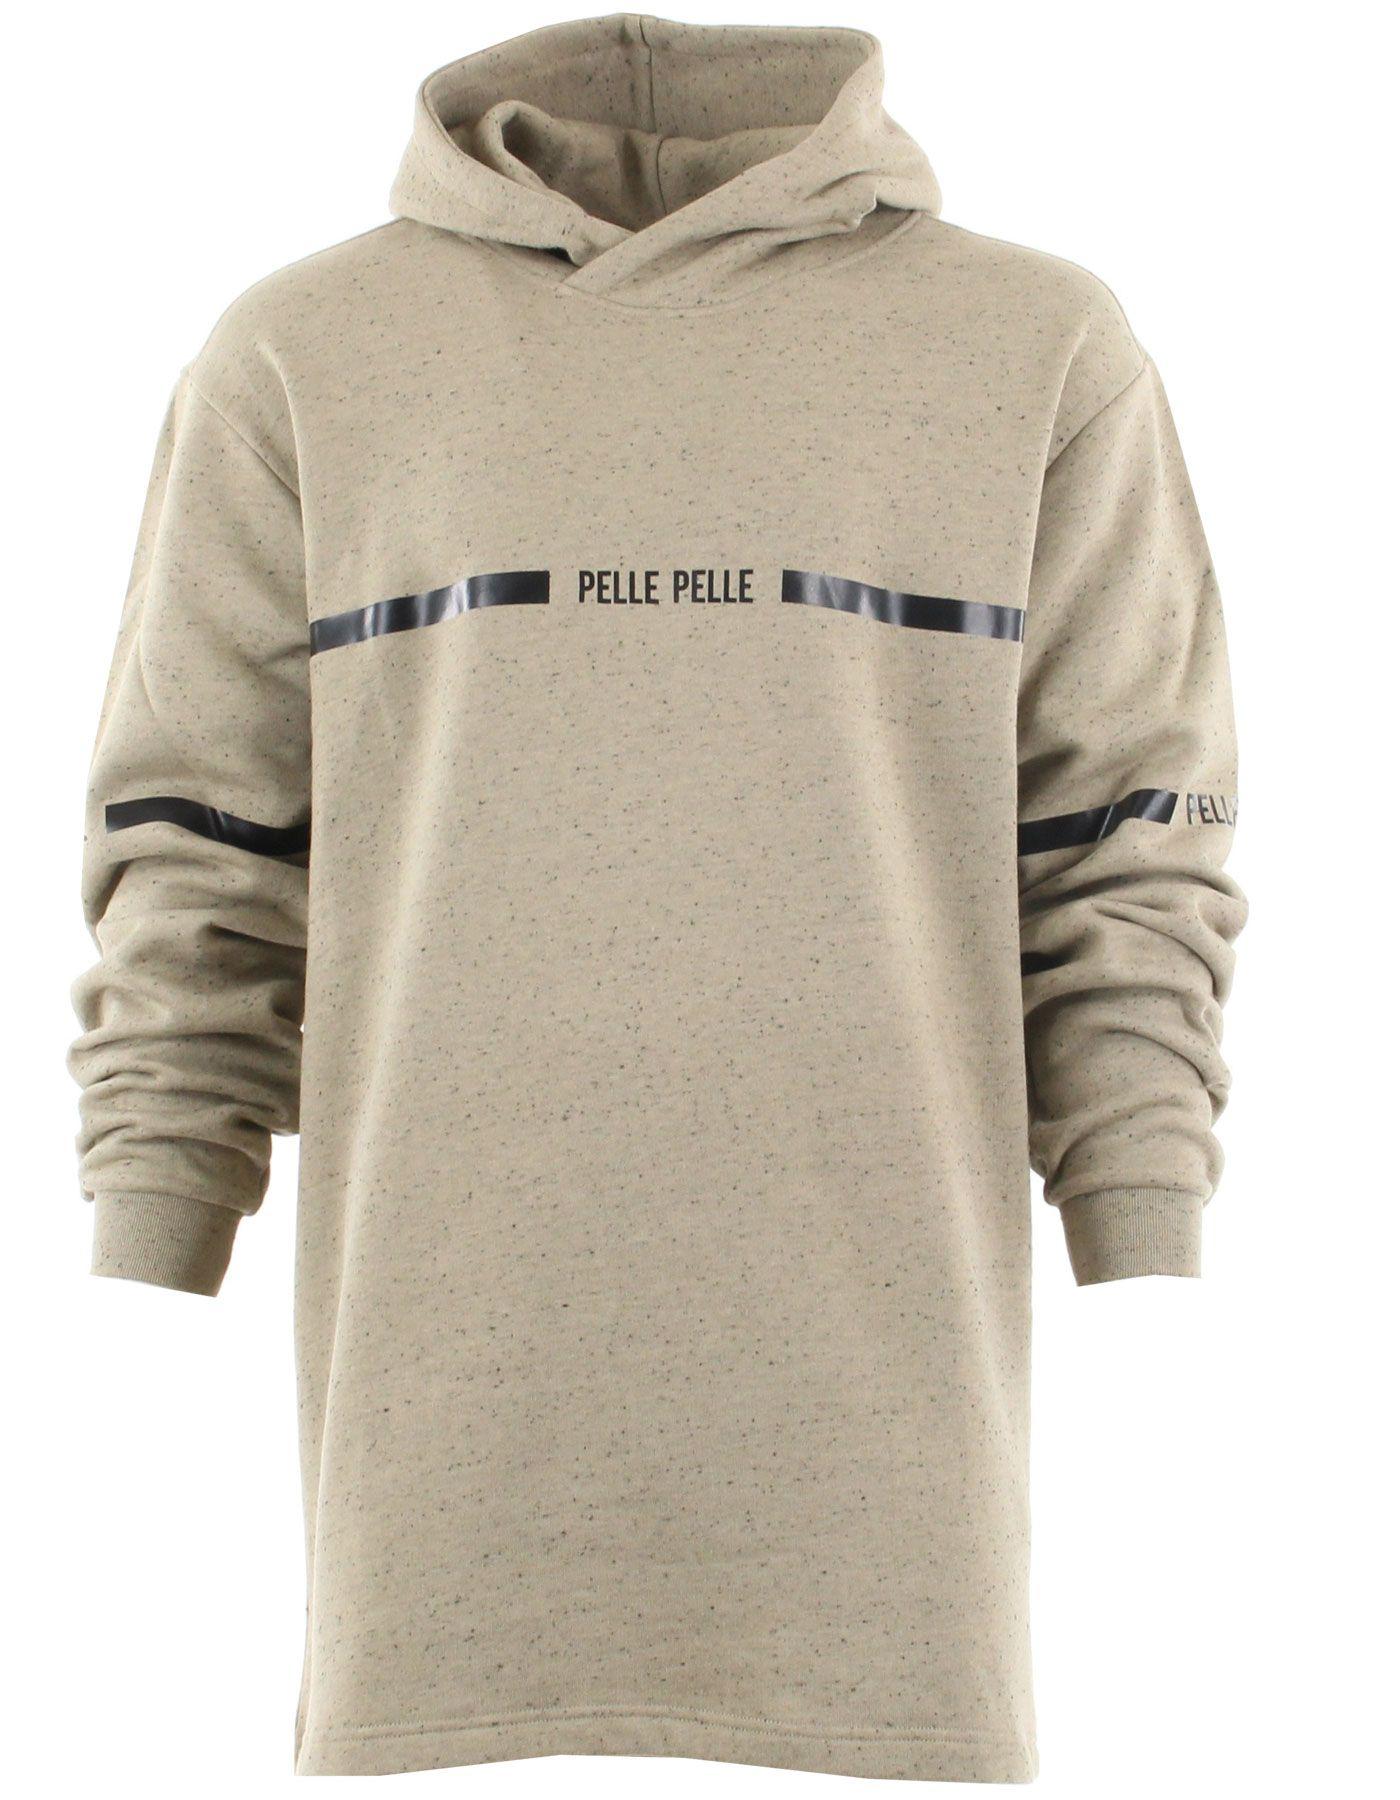 Superbe sweatshirt à capuche de couleur beige. La capuche est doublée et  croisée sur le 76ddbf8e294a